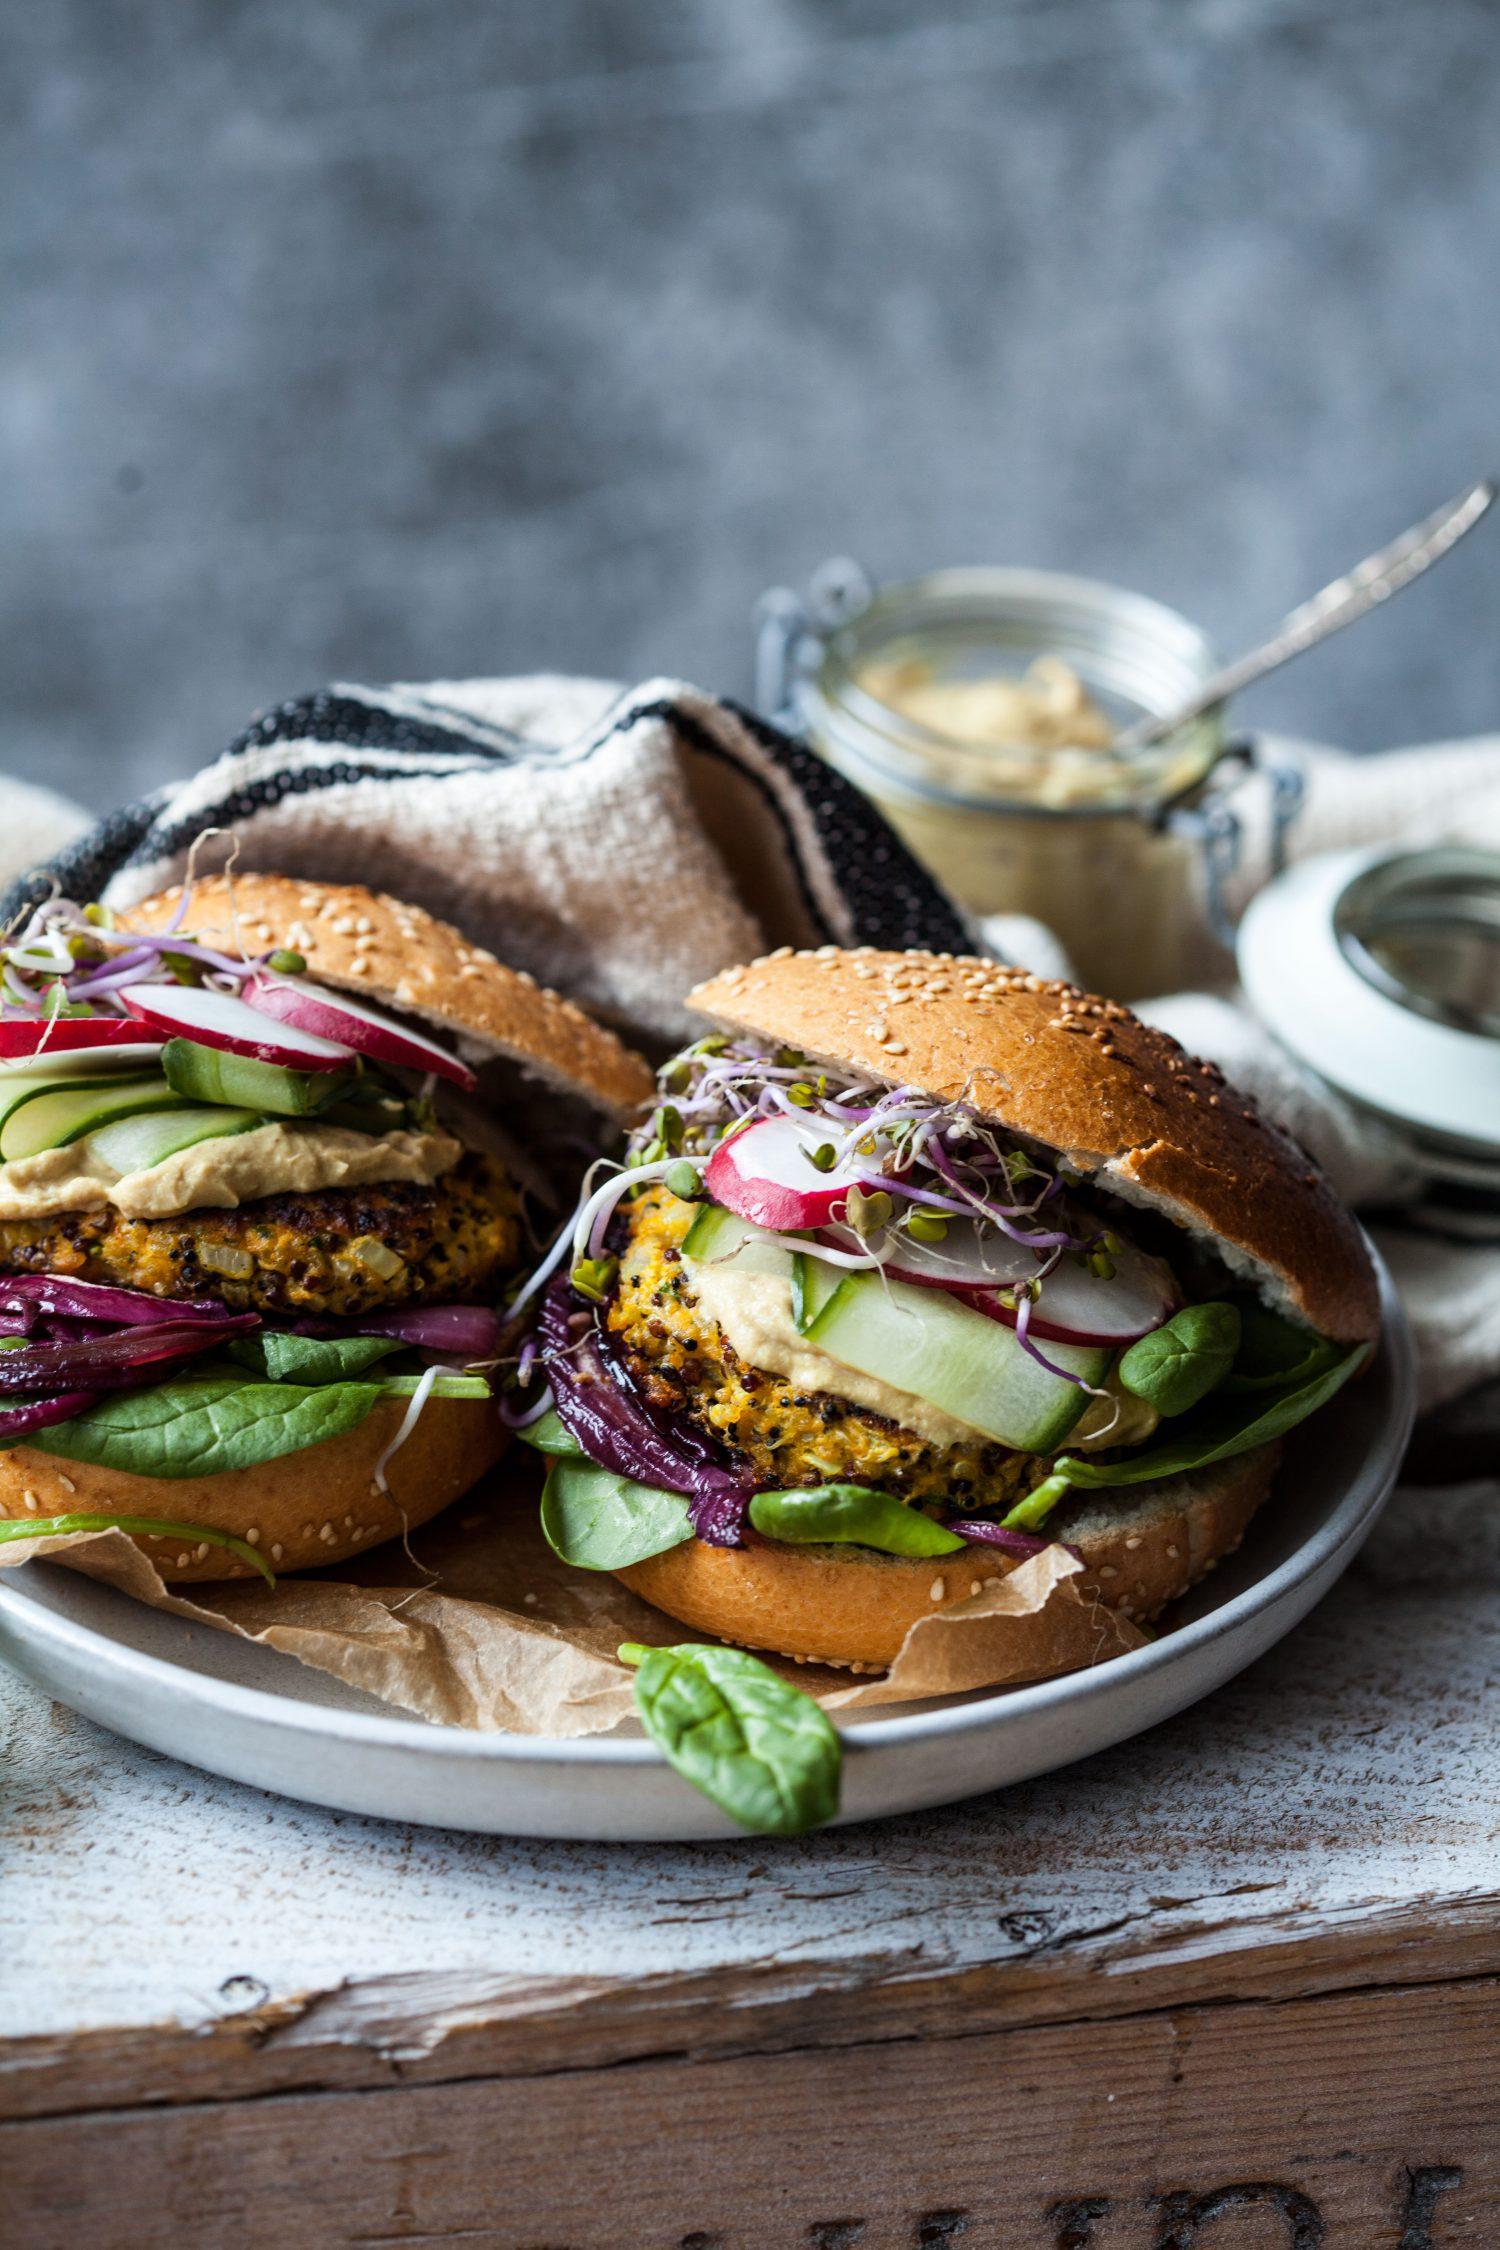 Burger & Sandwich glutenfrei